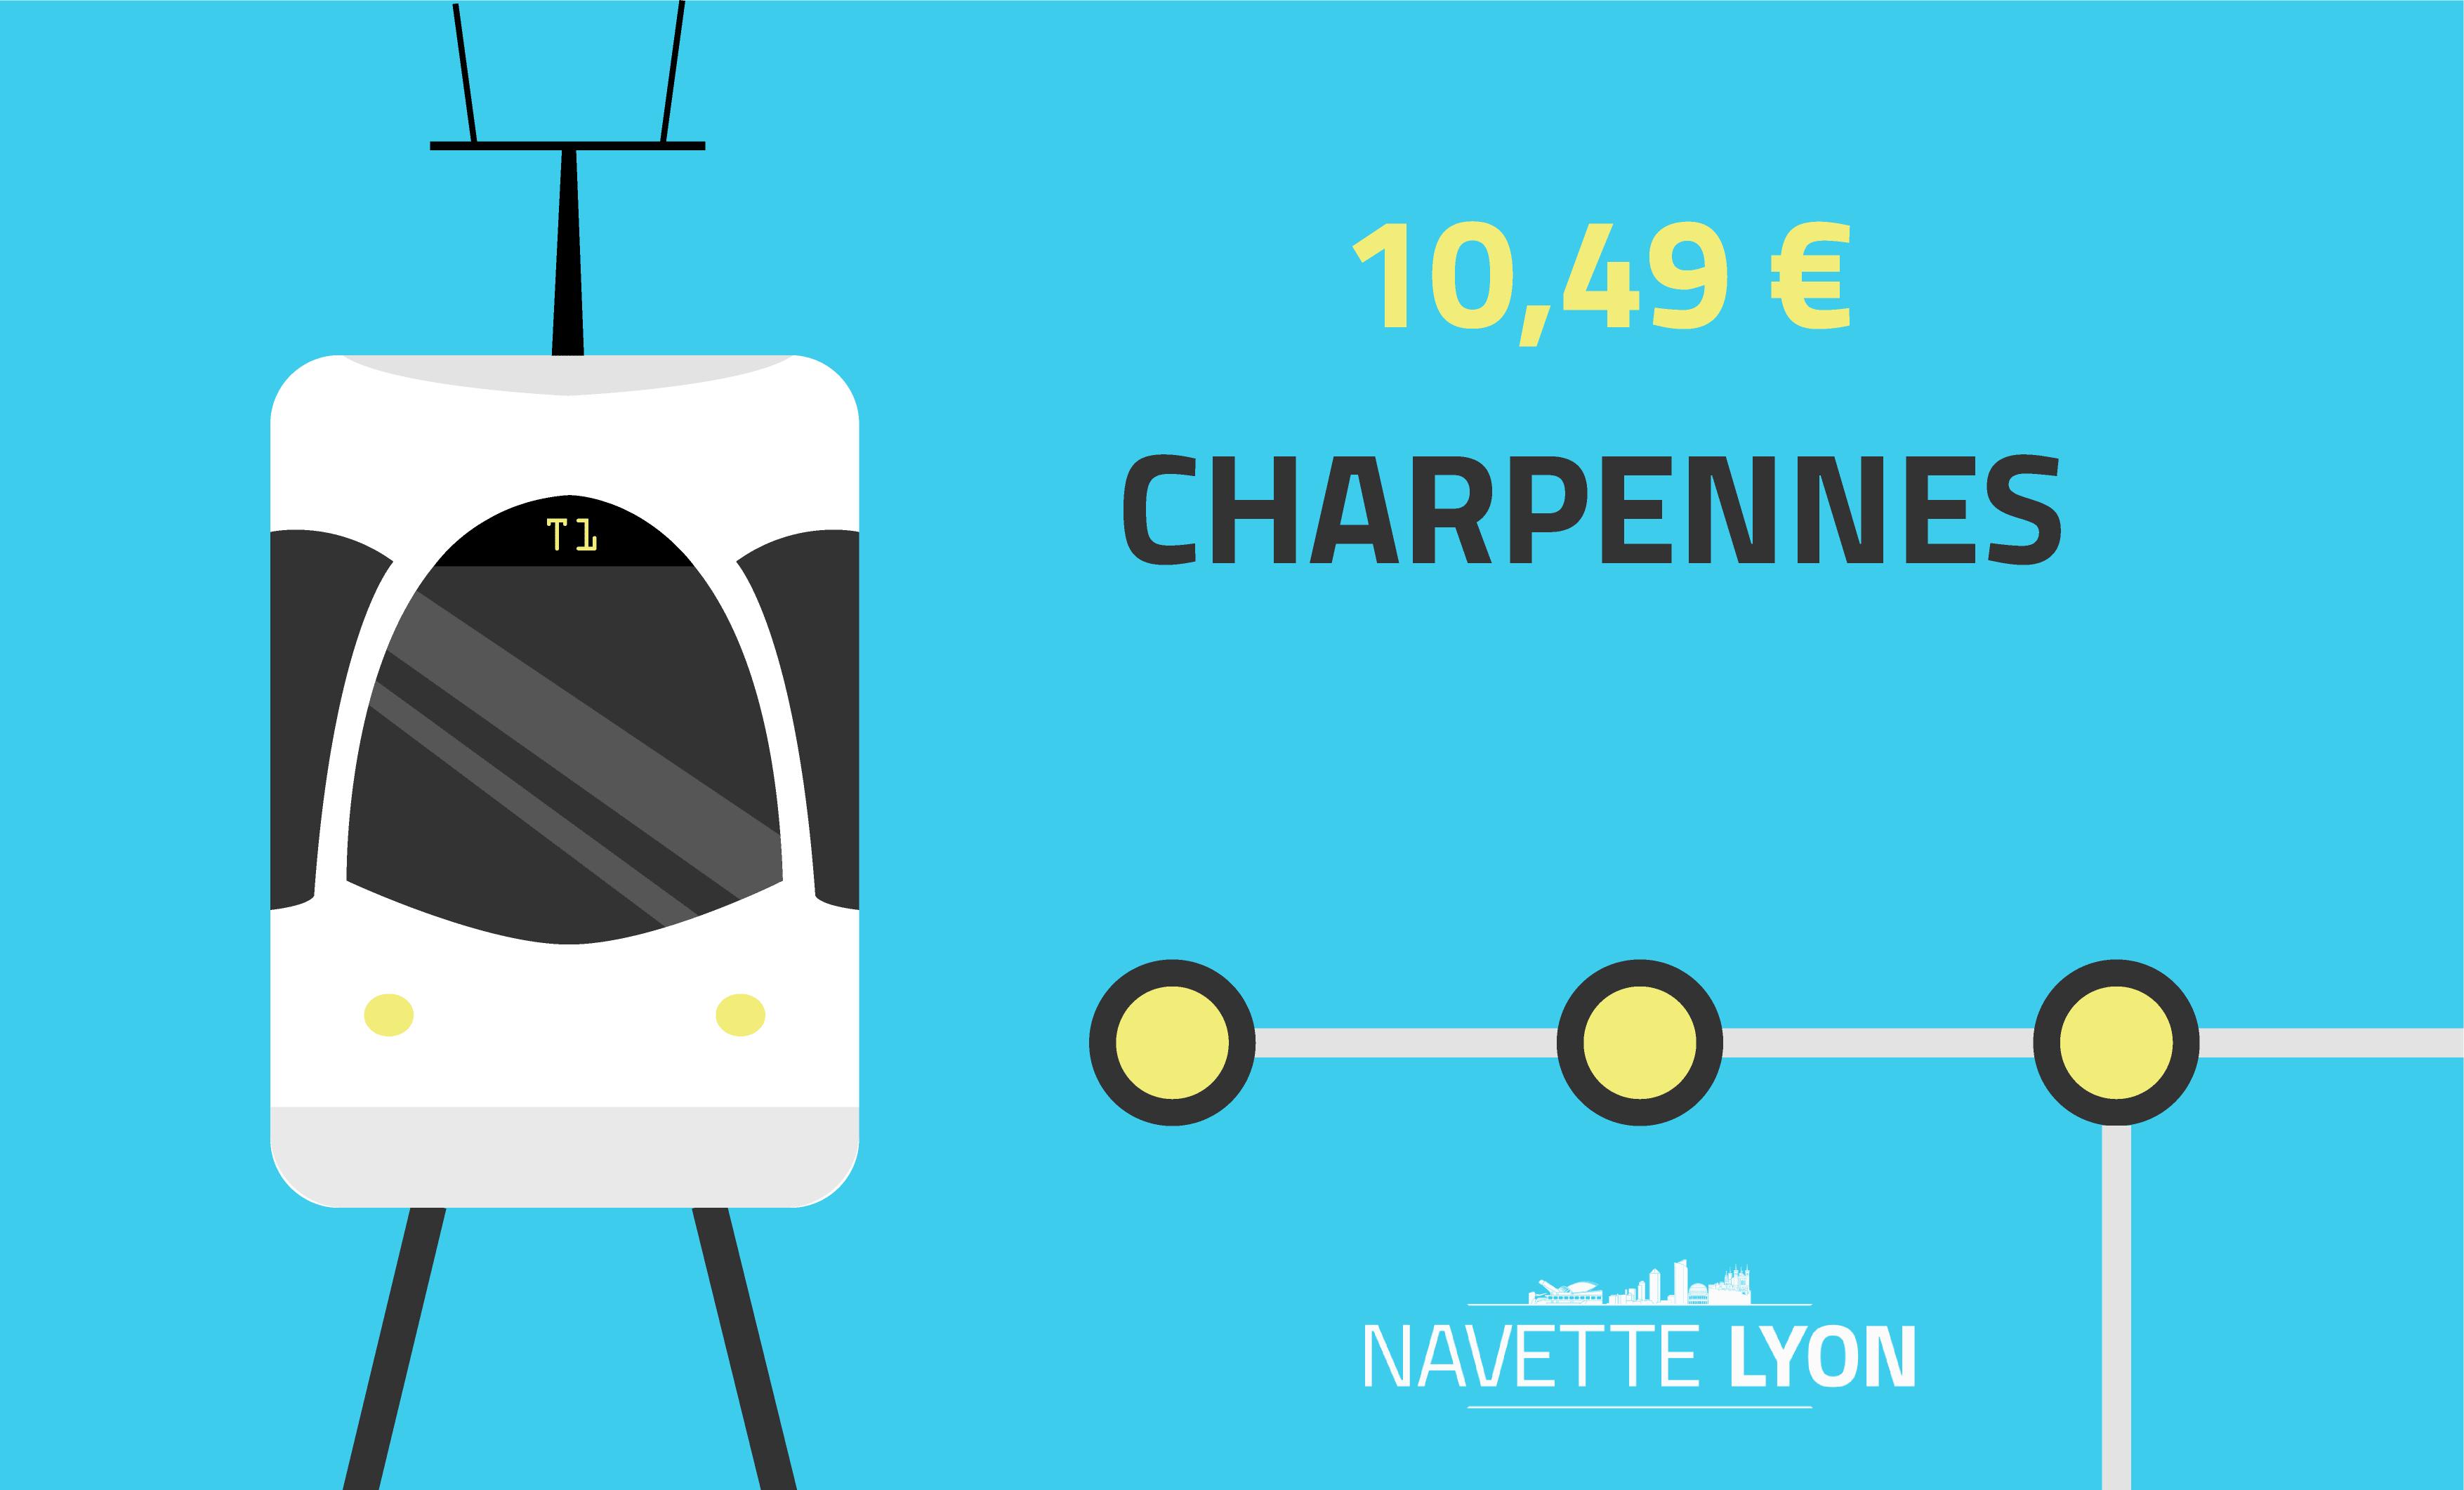 Charpennes Navette